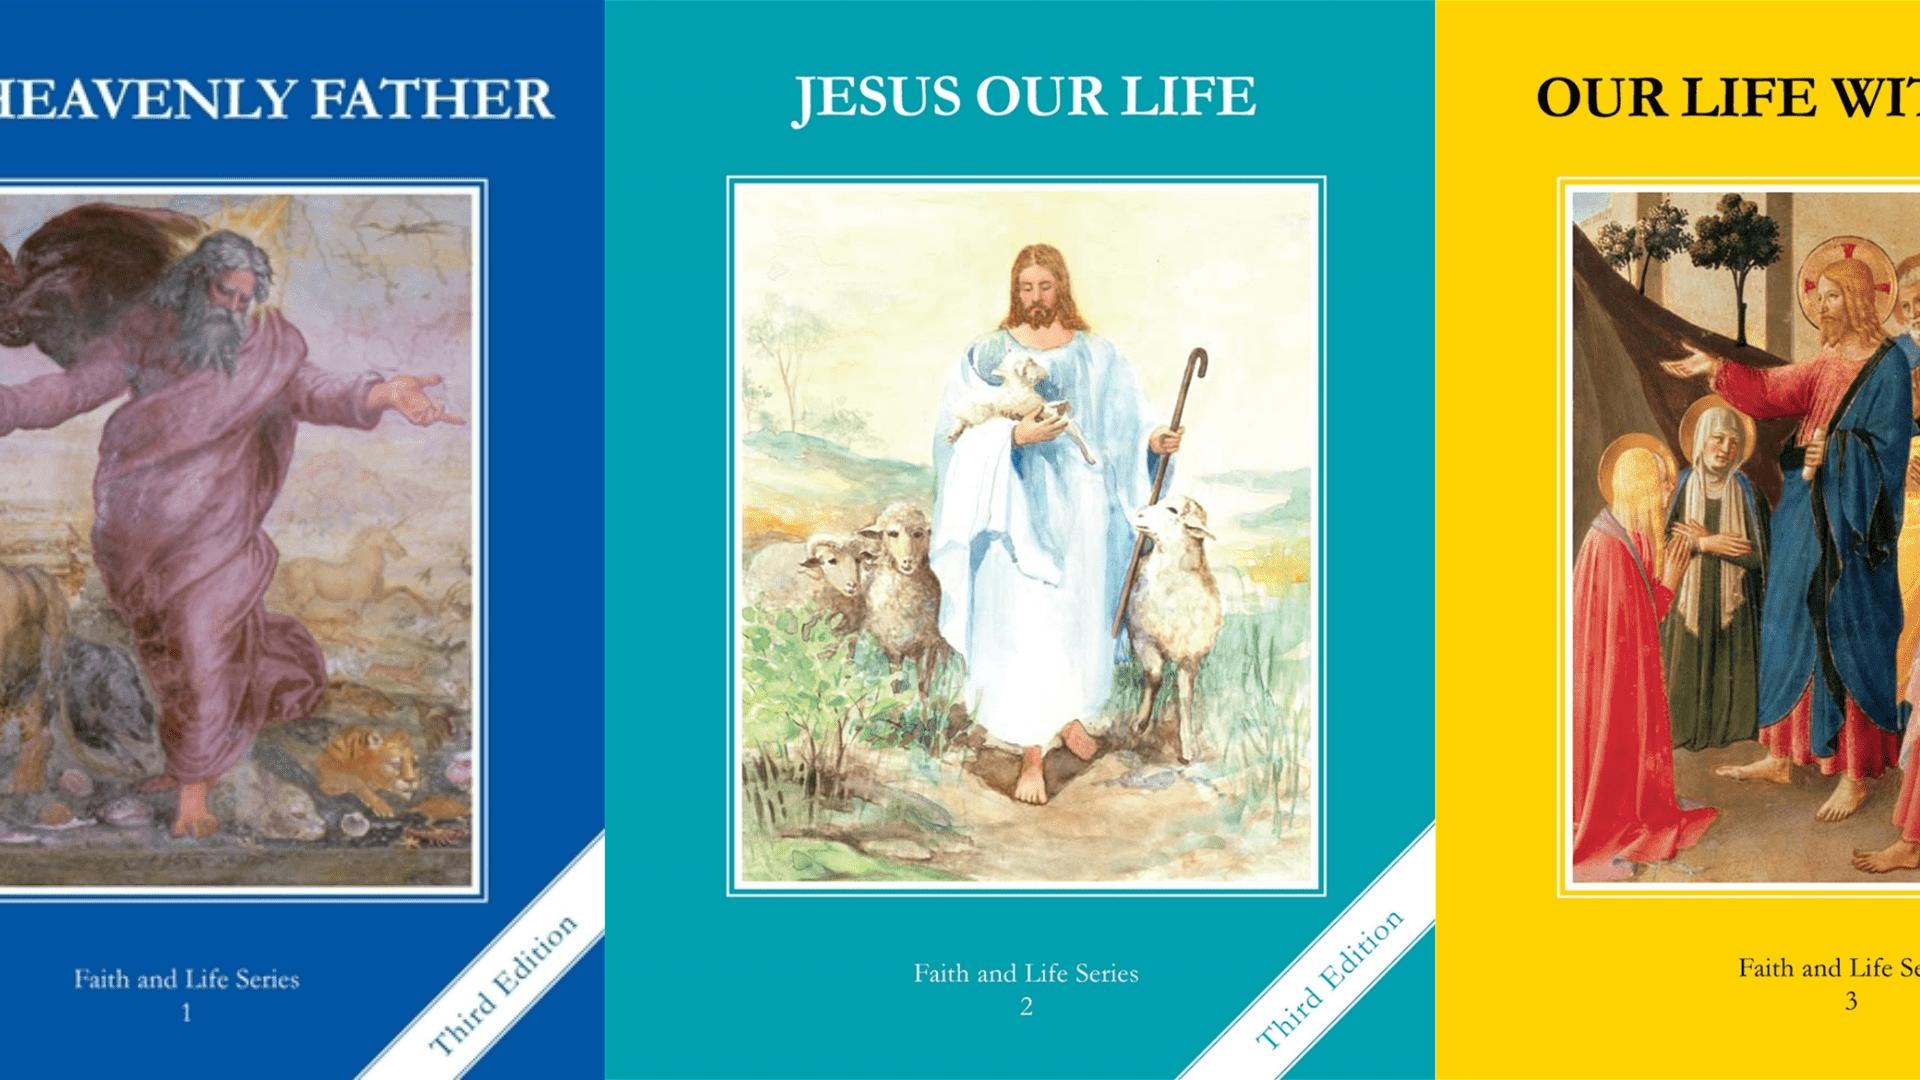 Faith and Life Series